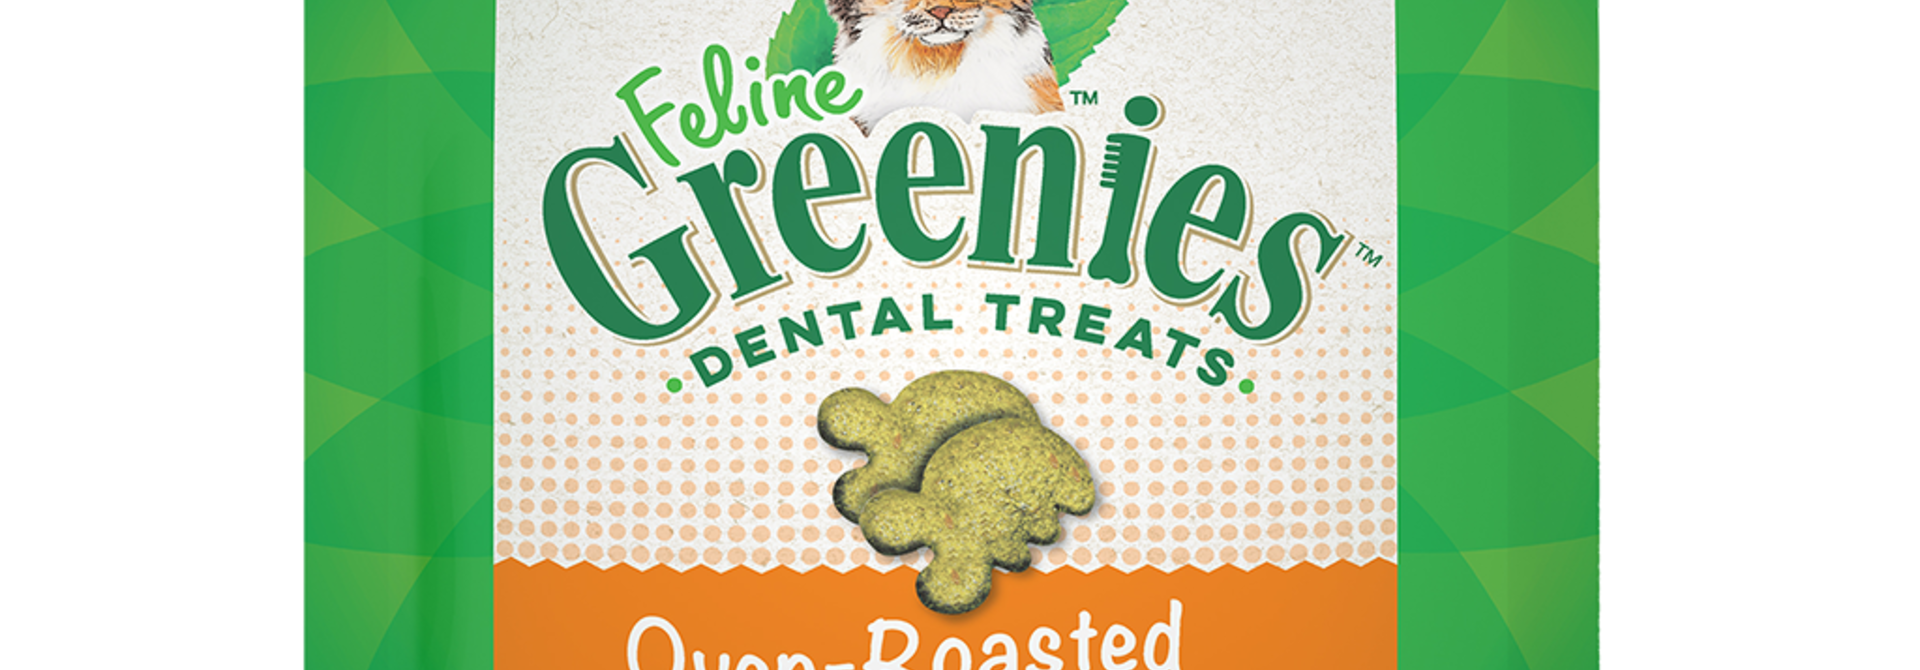 Dental Treat Chicken 2.1OZ - Cat